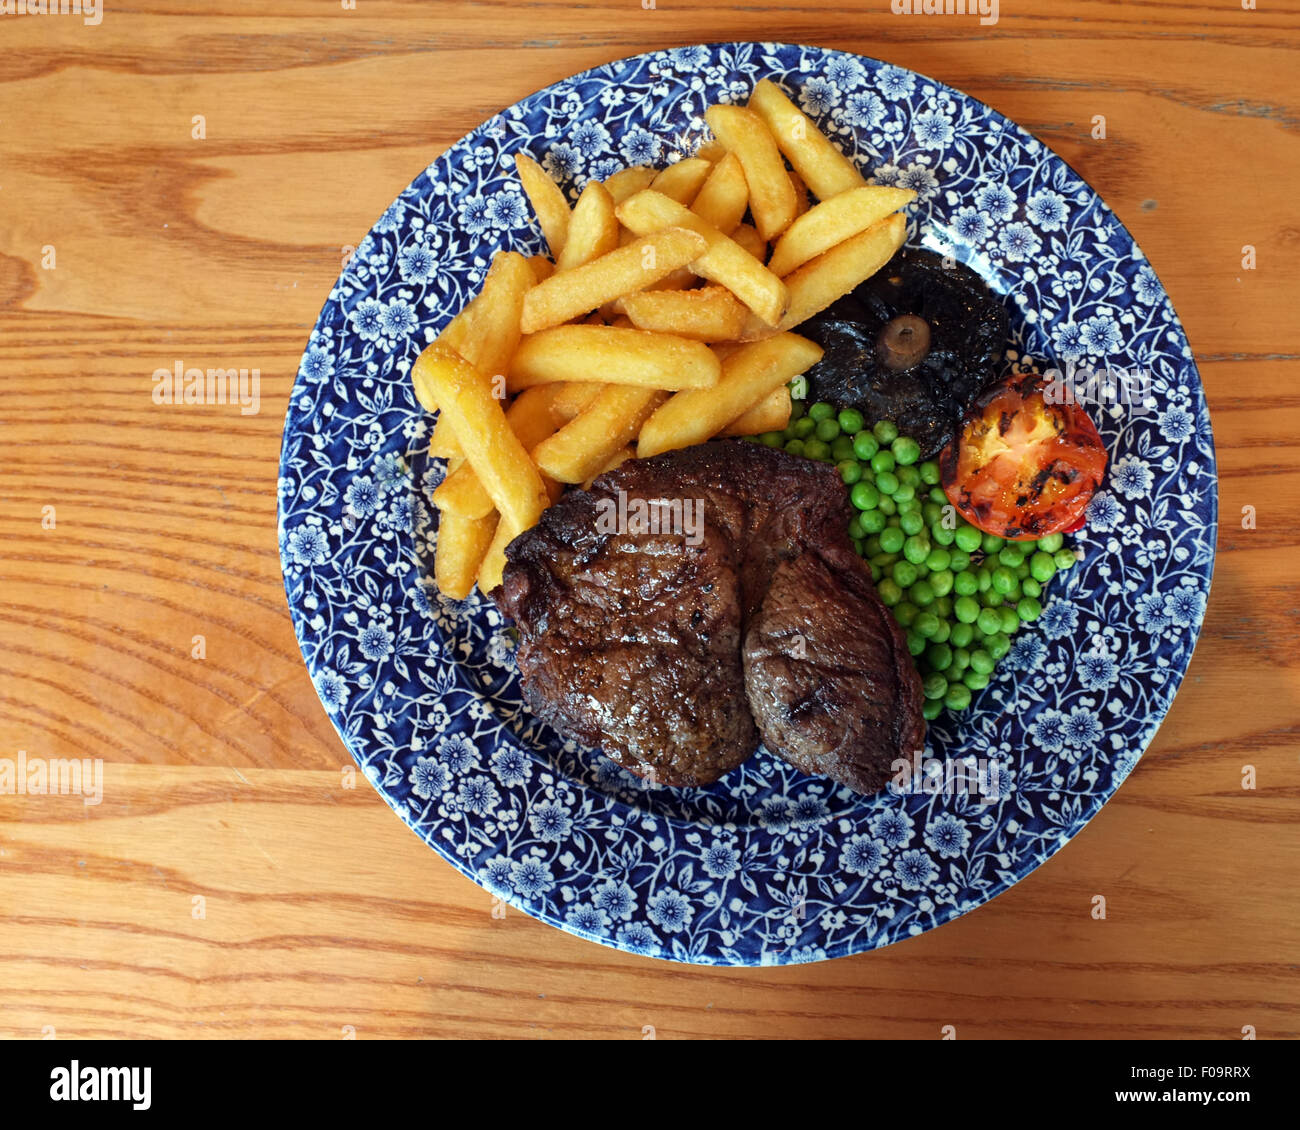 Steak et frites repas sur une plaque bleu et blanc. Photo Stock